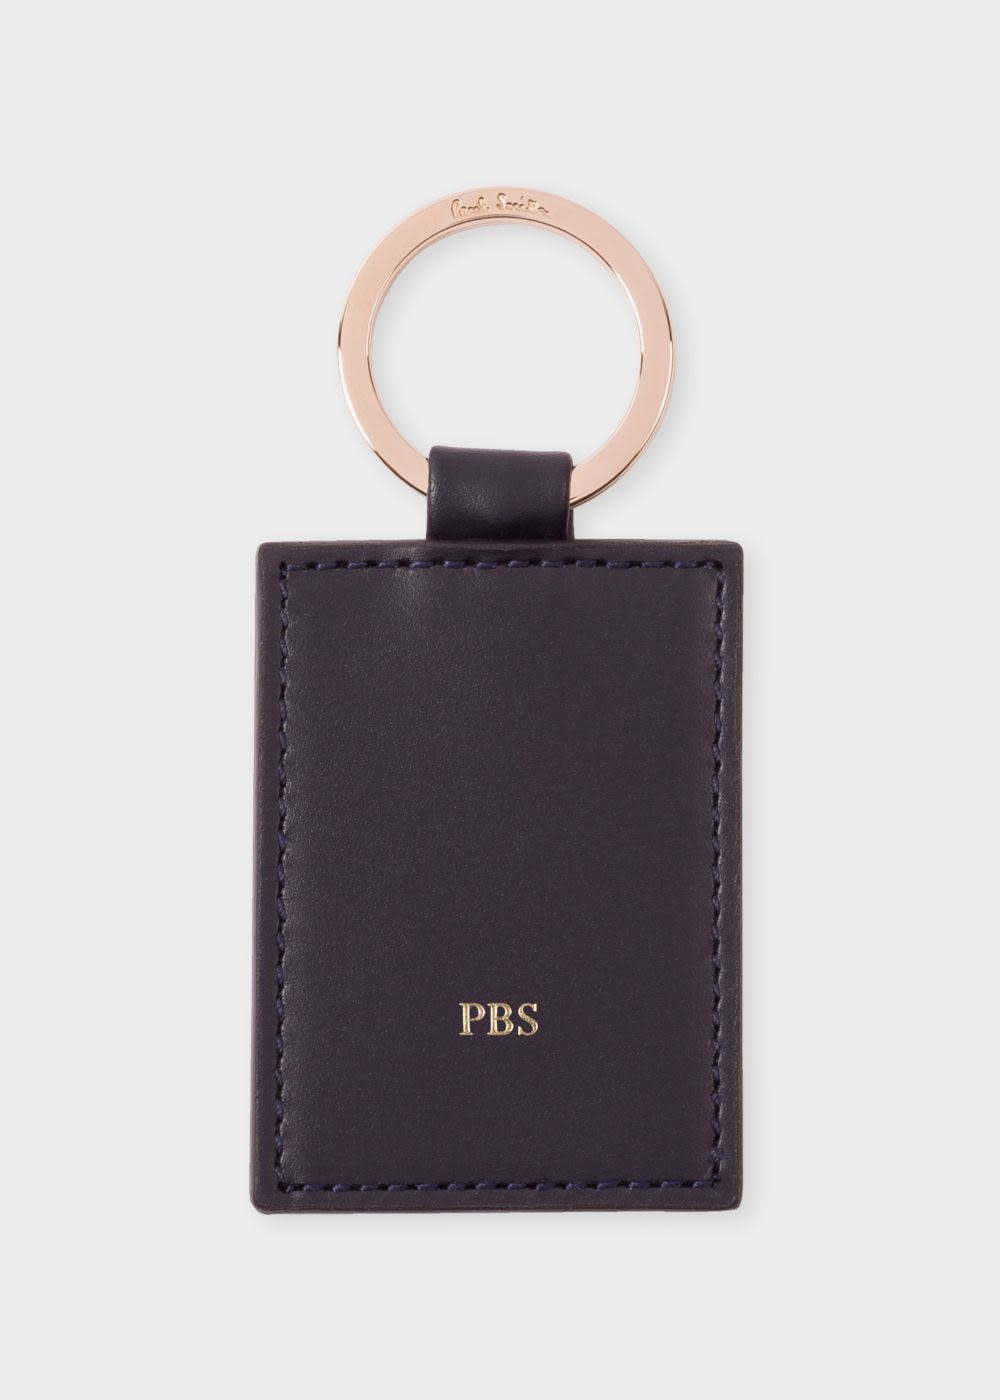 폴 스미스 키링 Paul Smith Navy Calf Leather Monogrammed Keyring